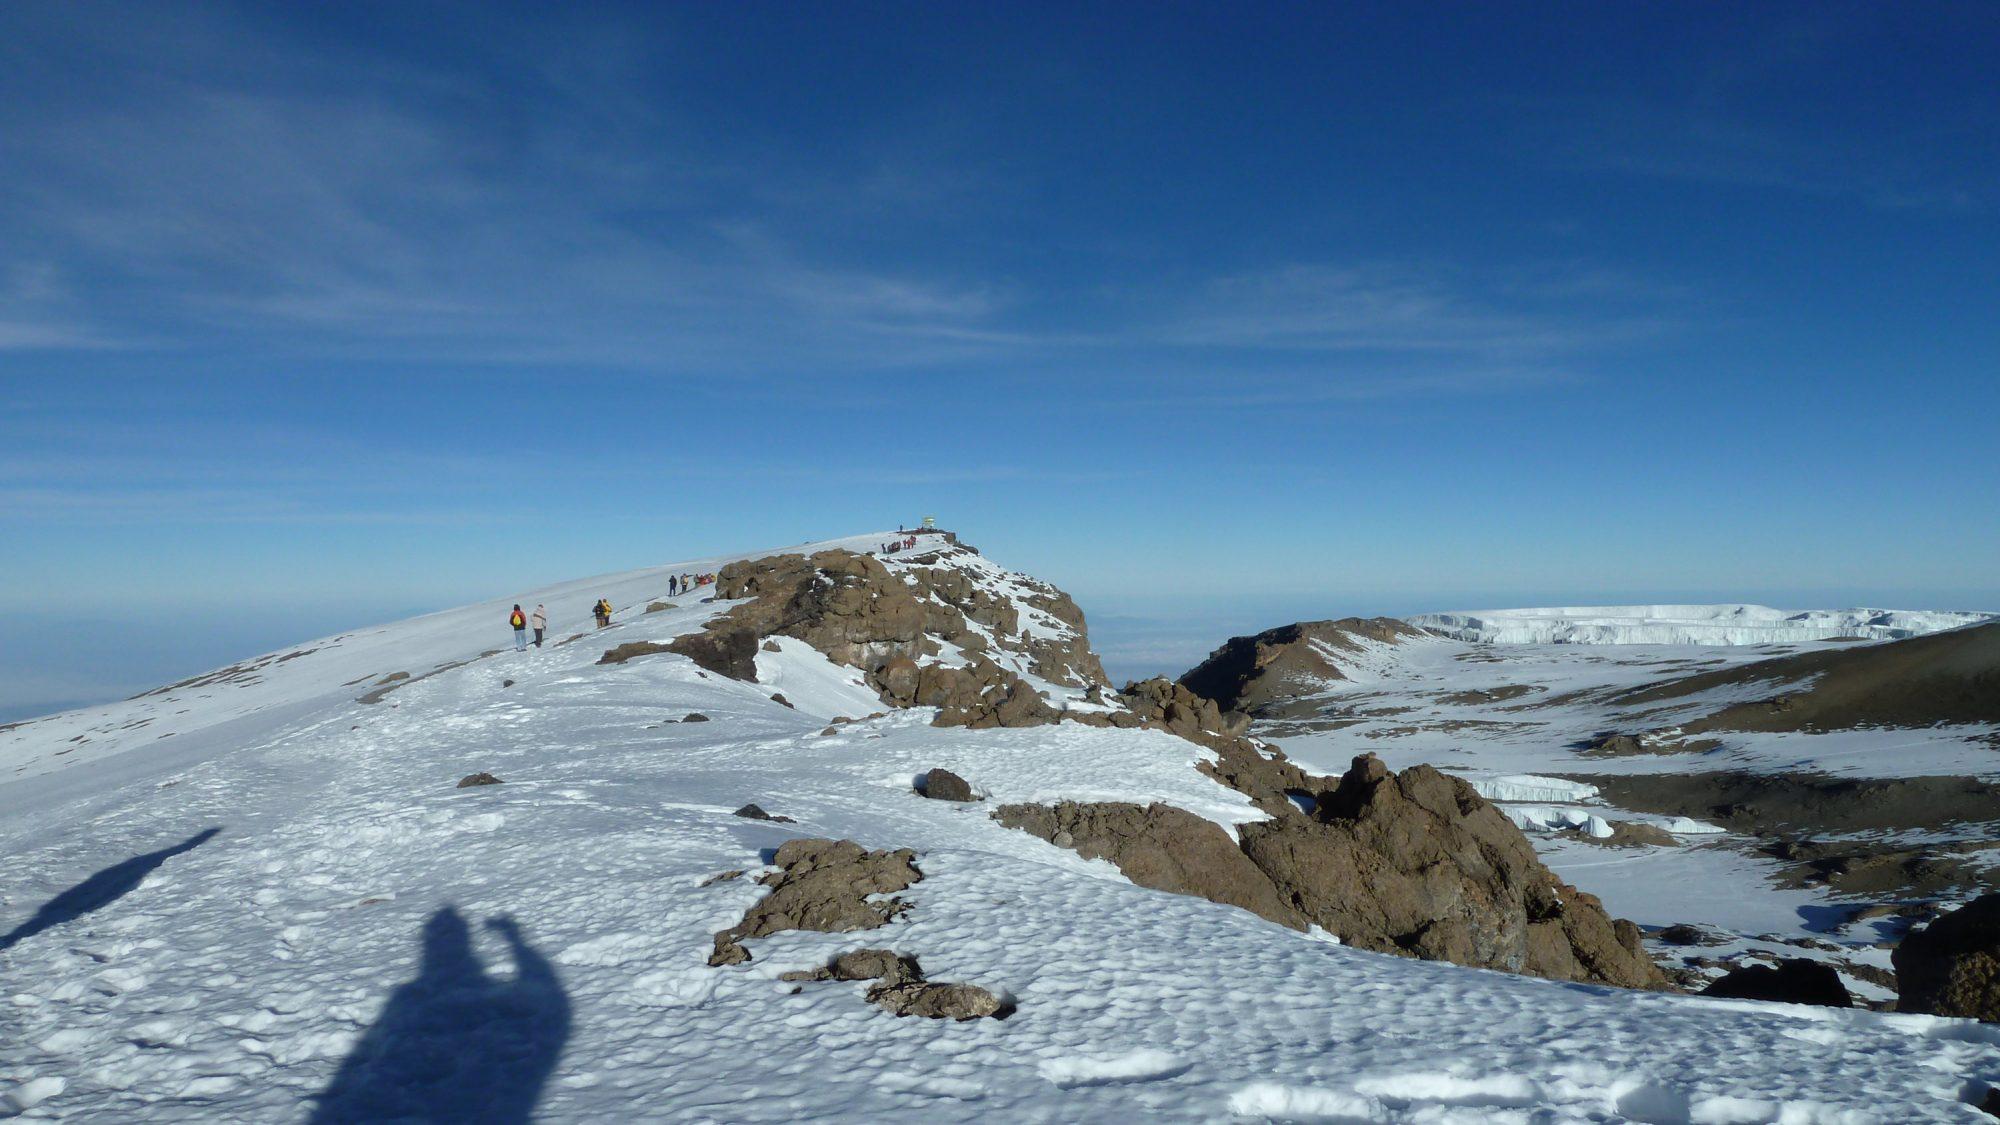 die letzten Meter zum Gipfel des Kilimandscharo, Kilimandscharo besteigen, Tansania, Afrika, Kilimandscharo Tour, Erfahrungsbericht, Machame Route